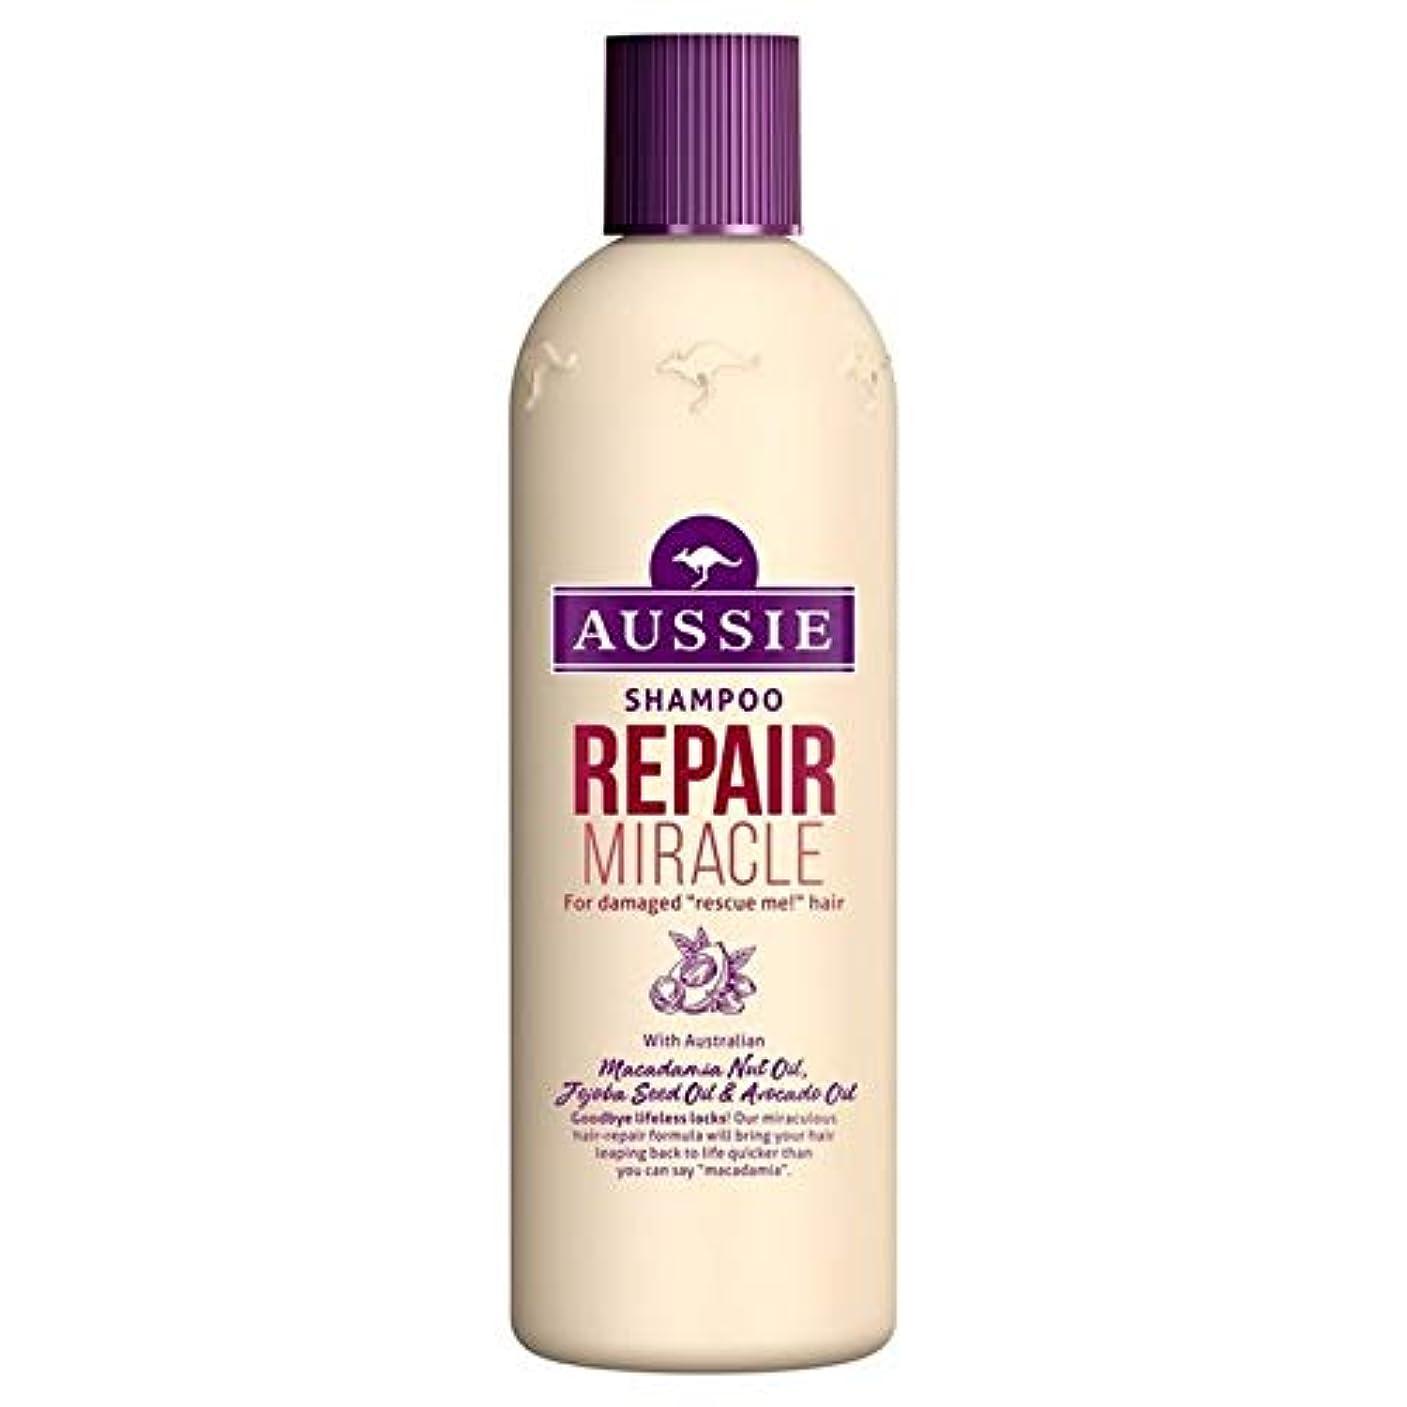 プレート最大限娘[Aussie ] いたずらな髪の300ミリリットルのすべての種類のオージーシャンプーの修理の奇跡 - Aussie Shampoo Repair Miracle for All Kinds of Naughty Hair...